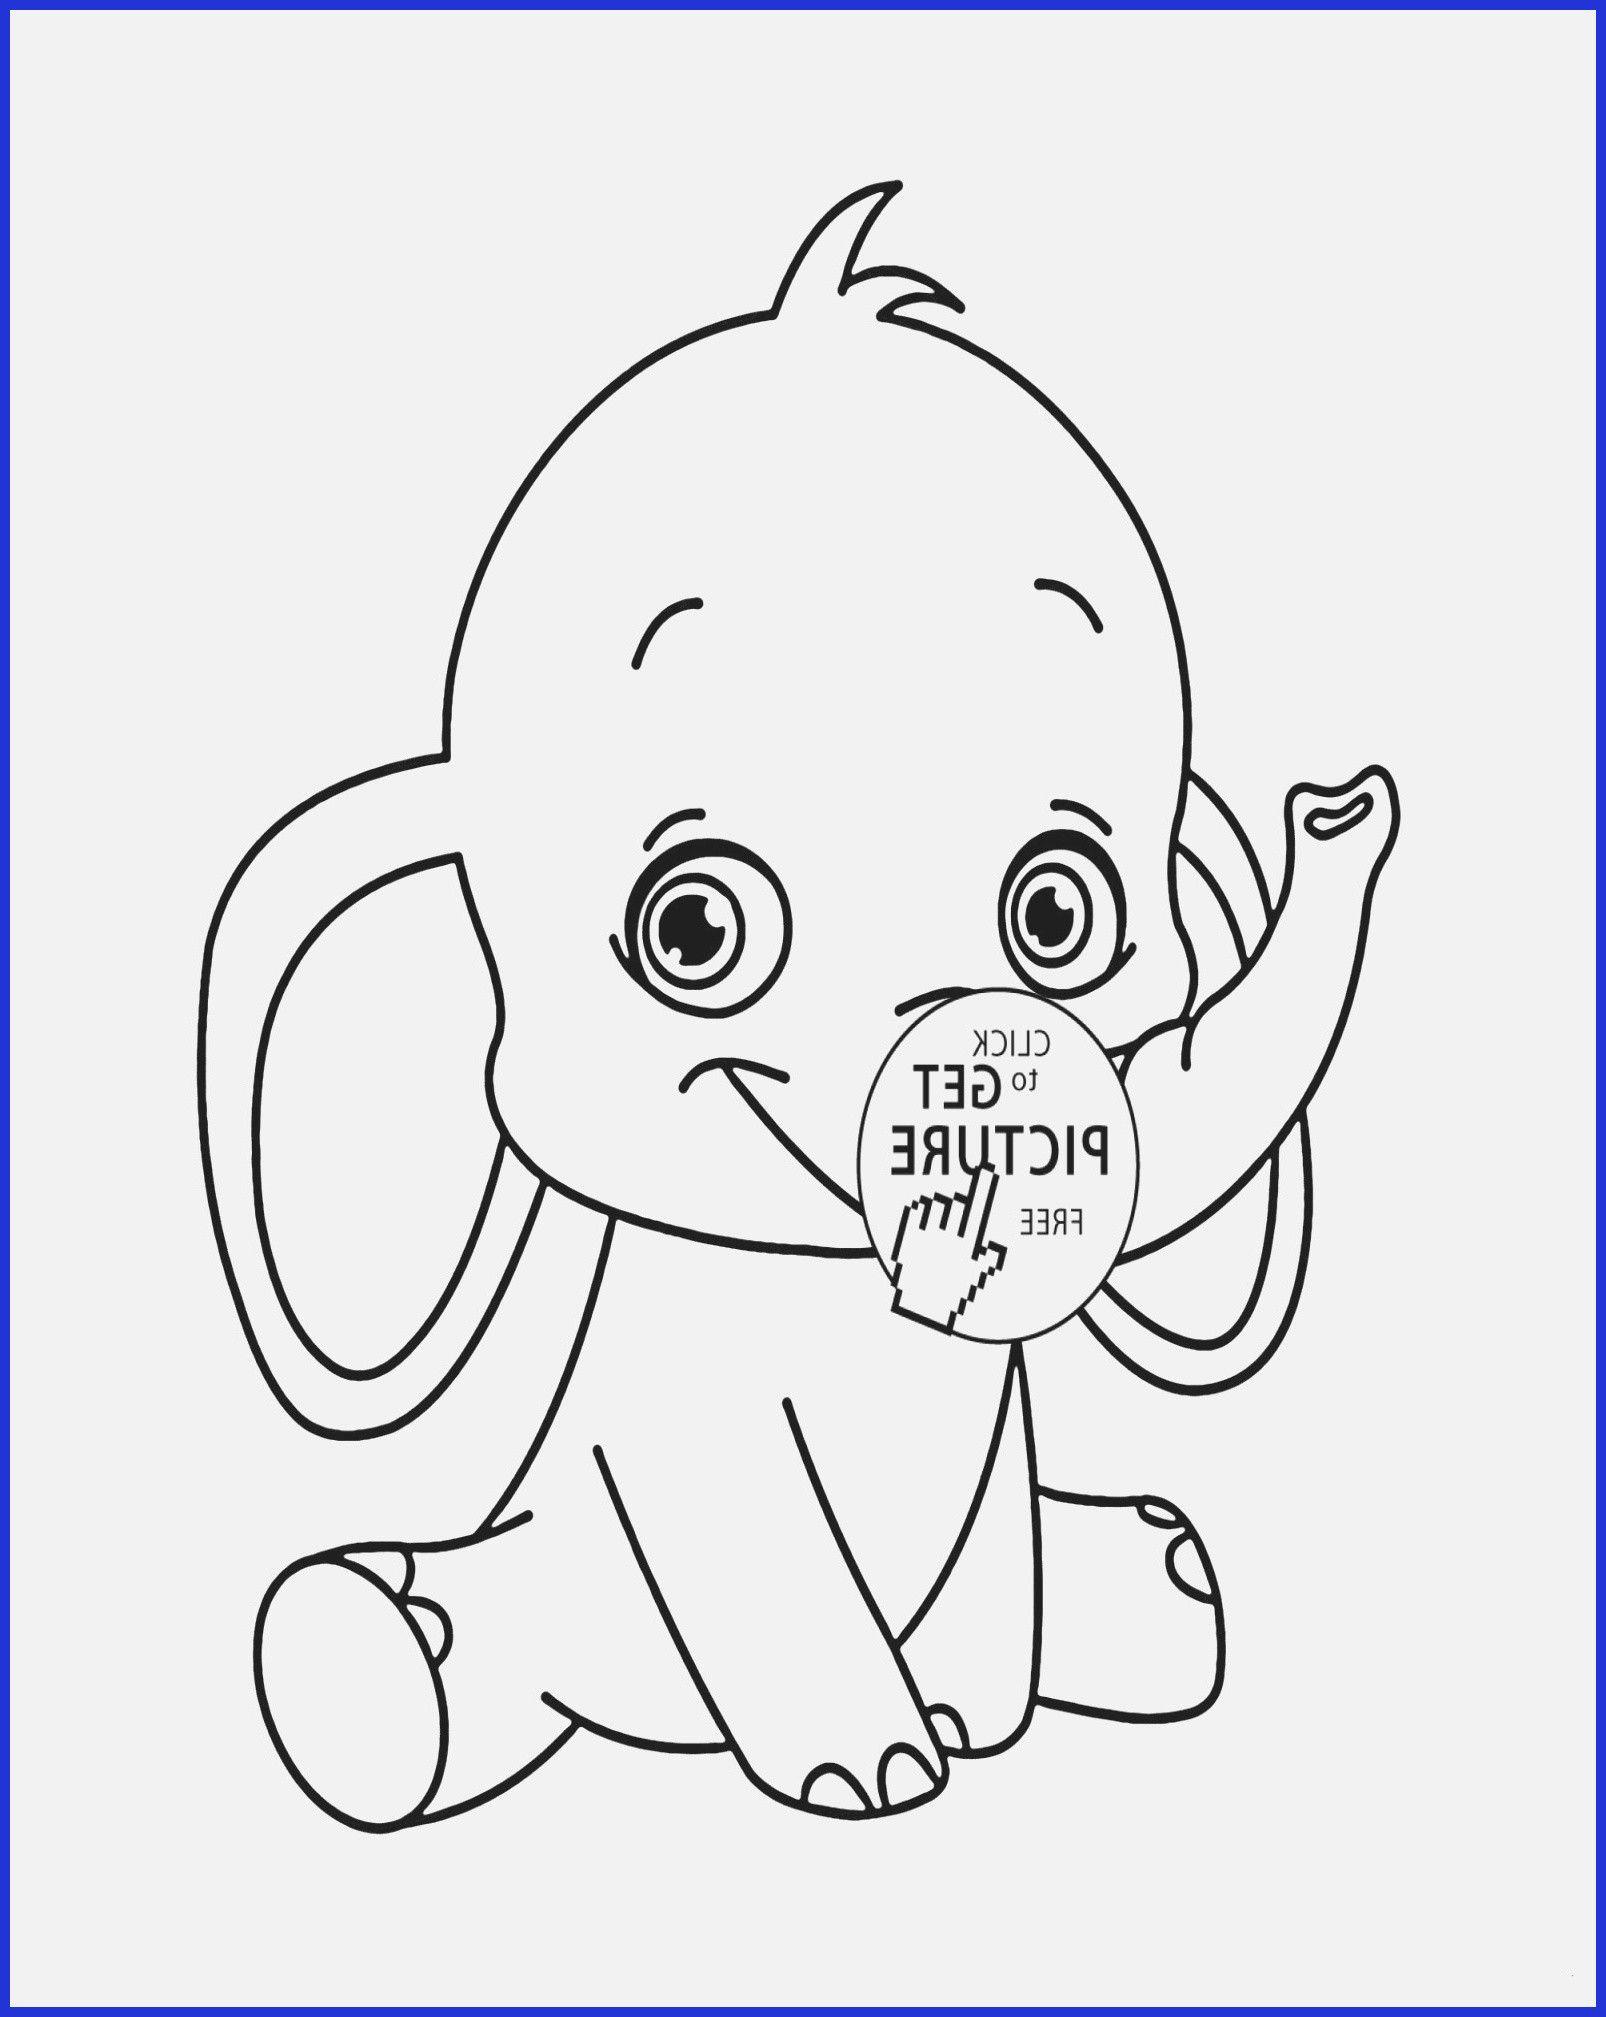 3 Worksheet Sea Animals Preschool Free Printable Coloring